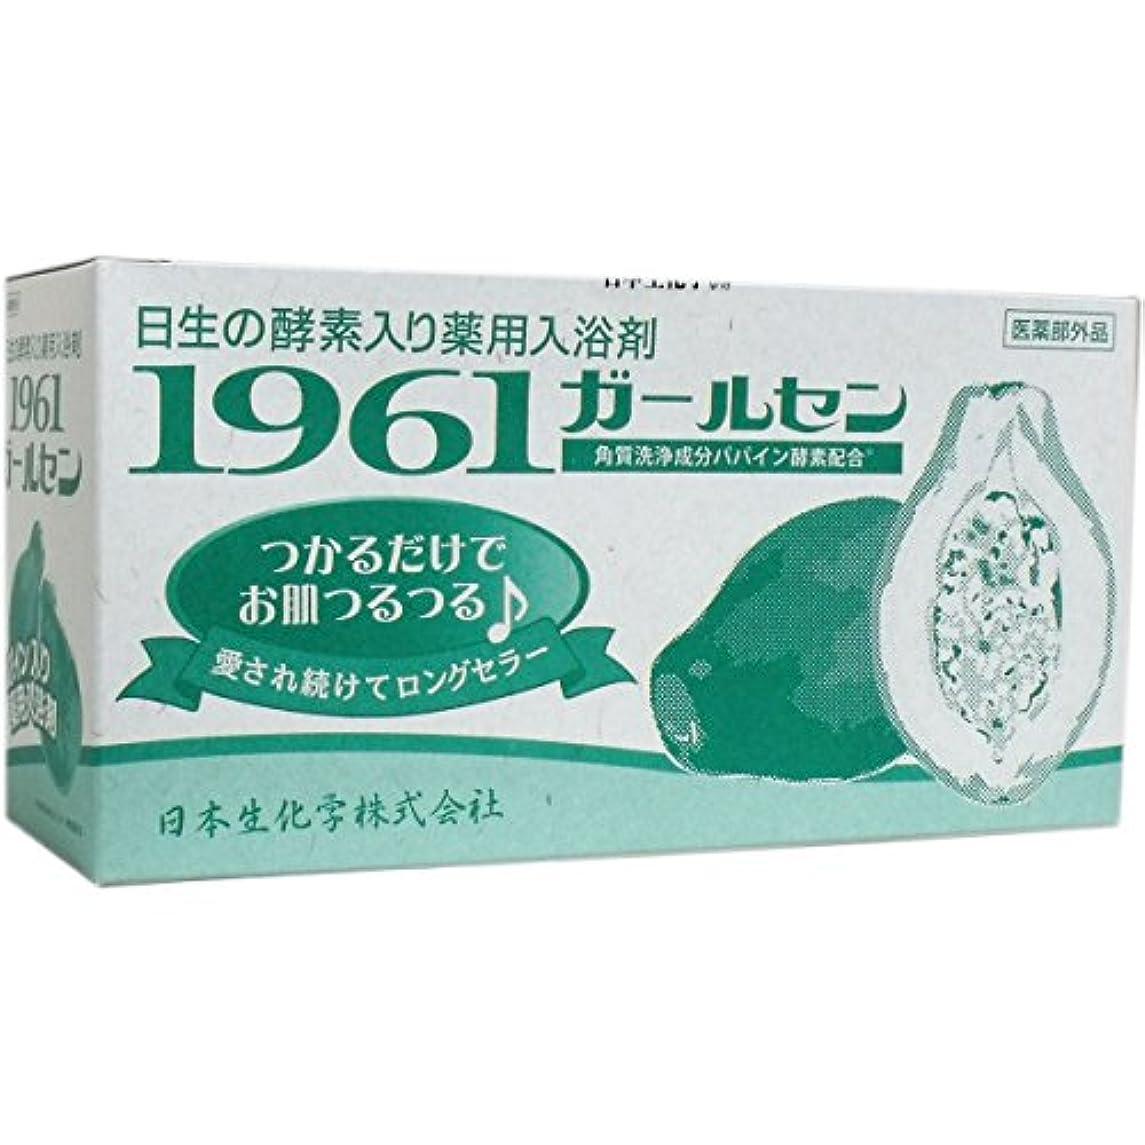 サージポンドトマトパパイン酵素配合 薬用入浴剤 1961ガールセン 30包 [並行輸入品]